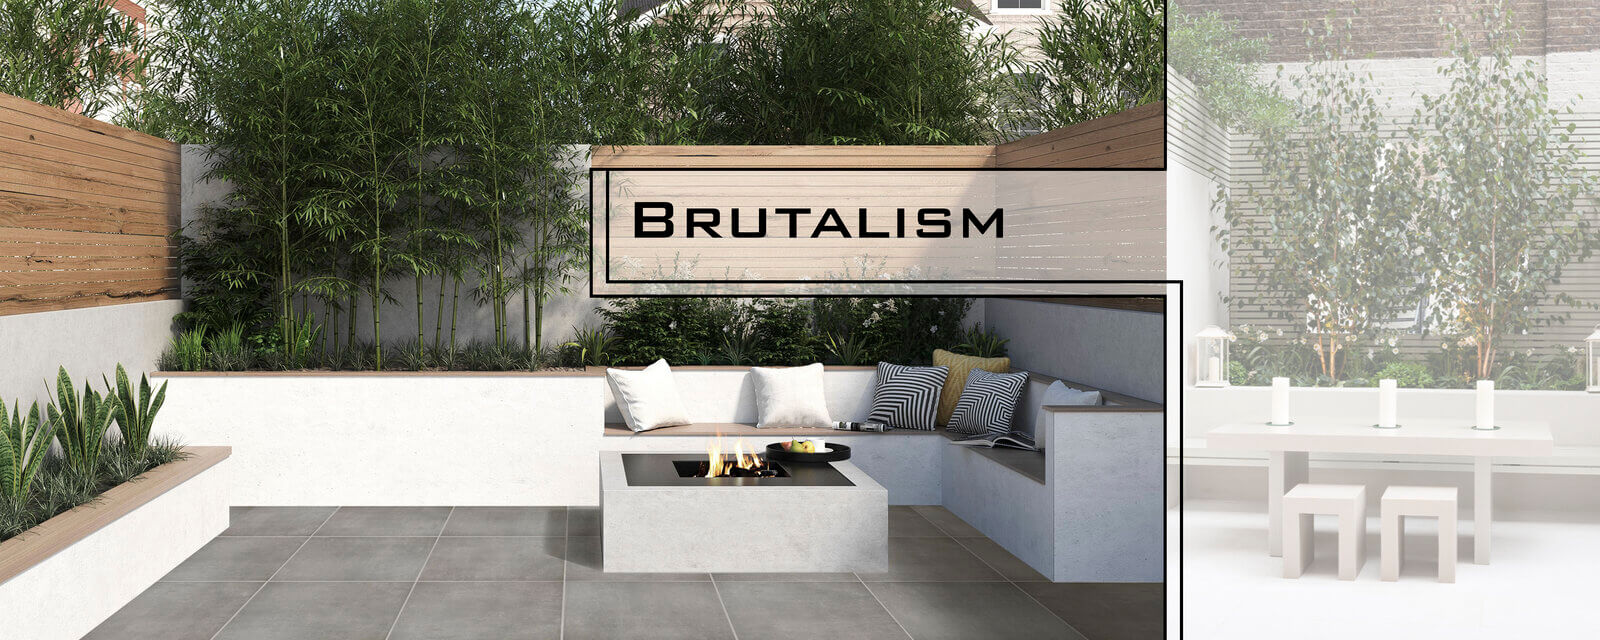 Brutalism